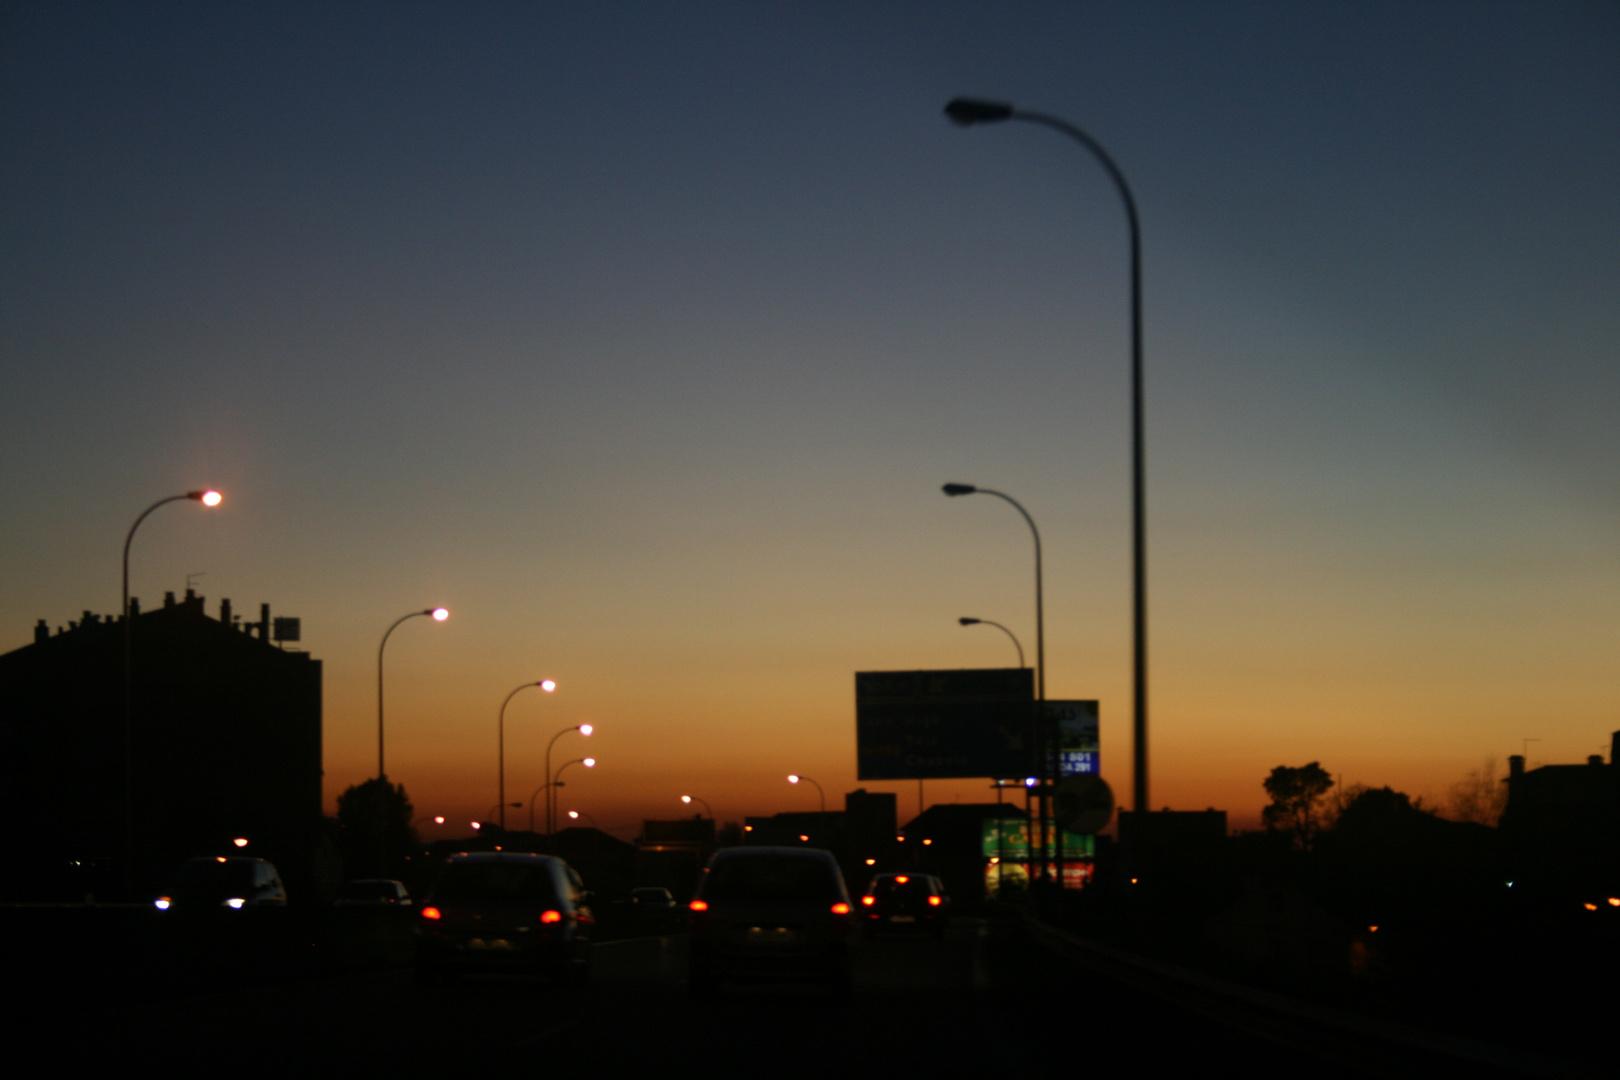 Llegando a la ciudad